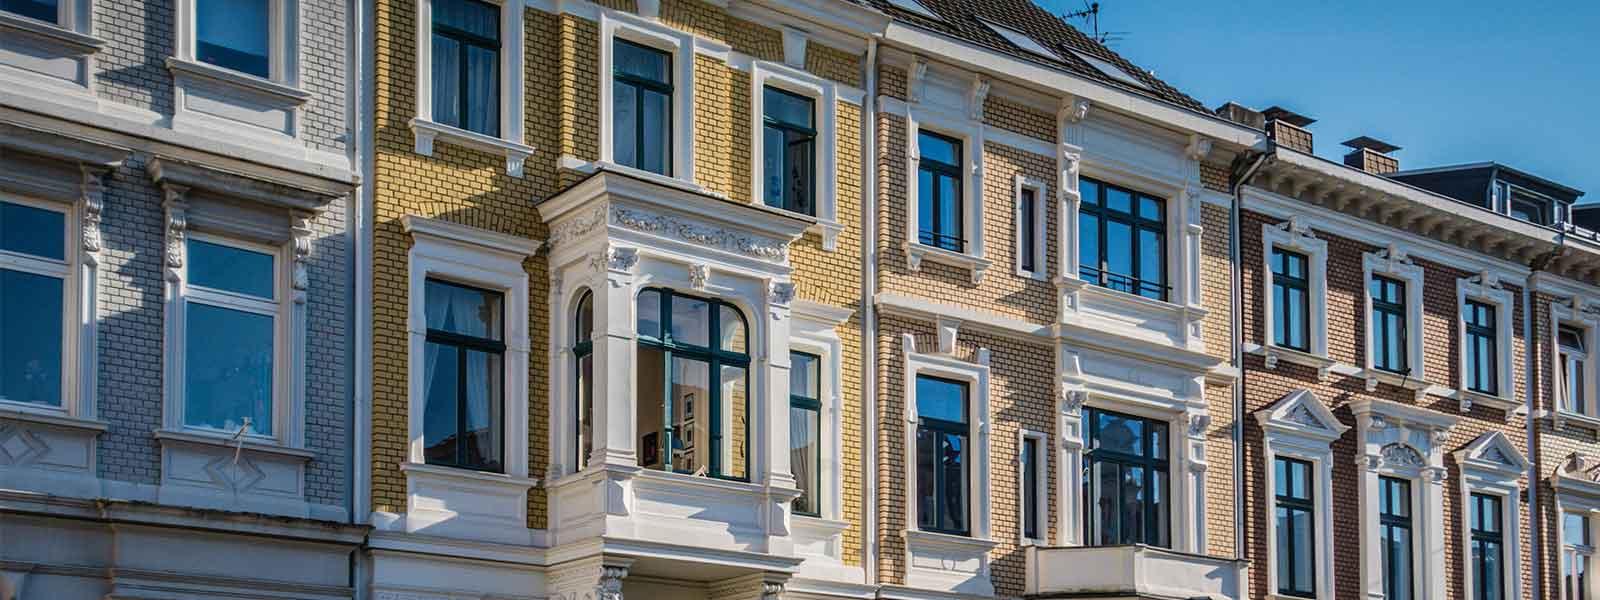 Bonn Fassade